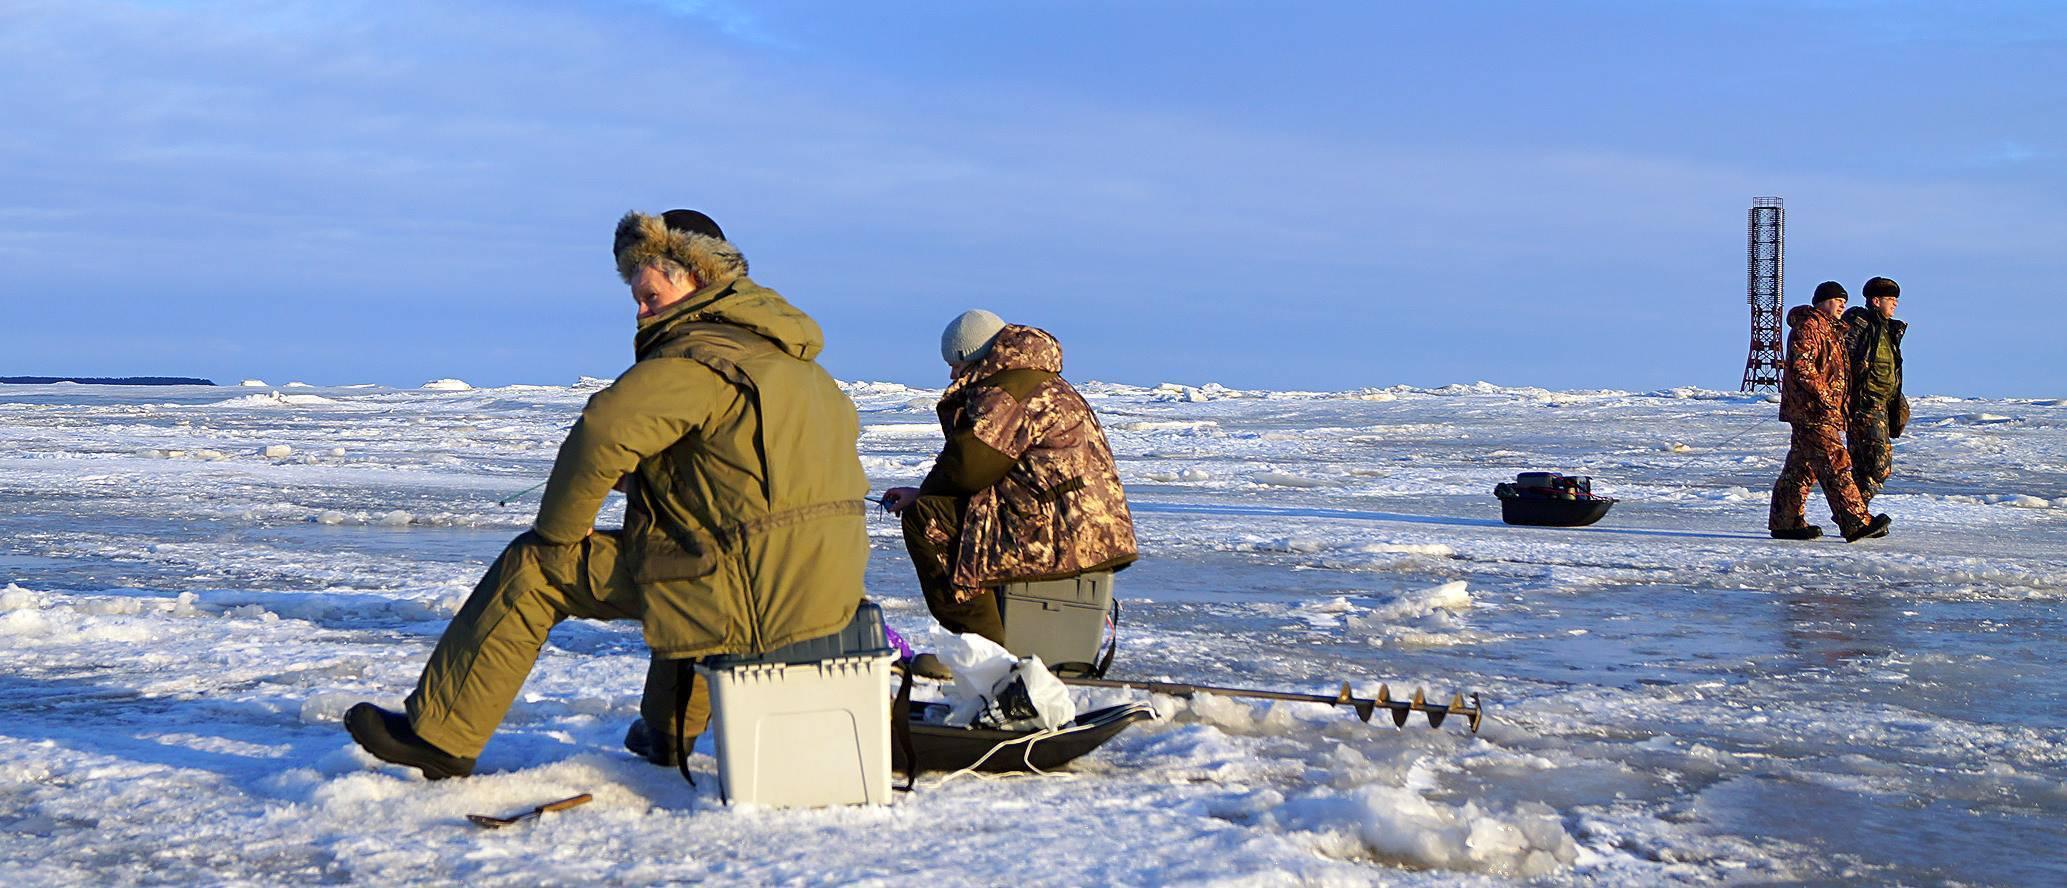 Рыбалка на кольском полуострове: лучшие места для ловли, какая рыба водится